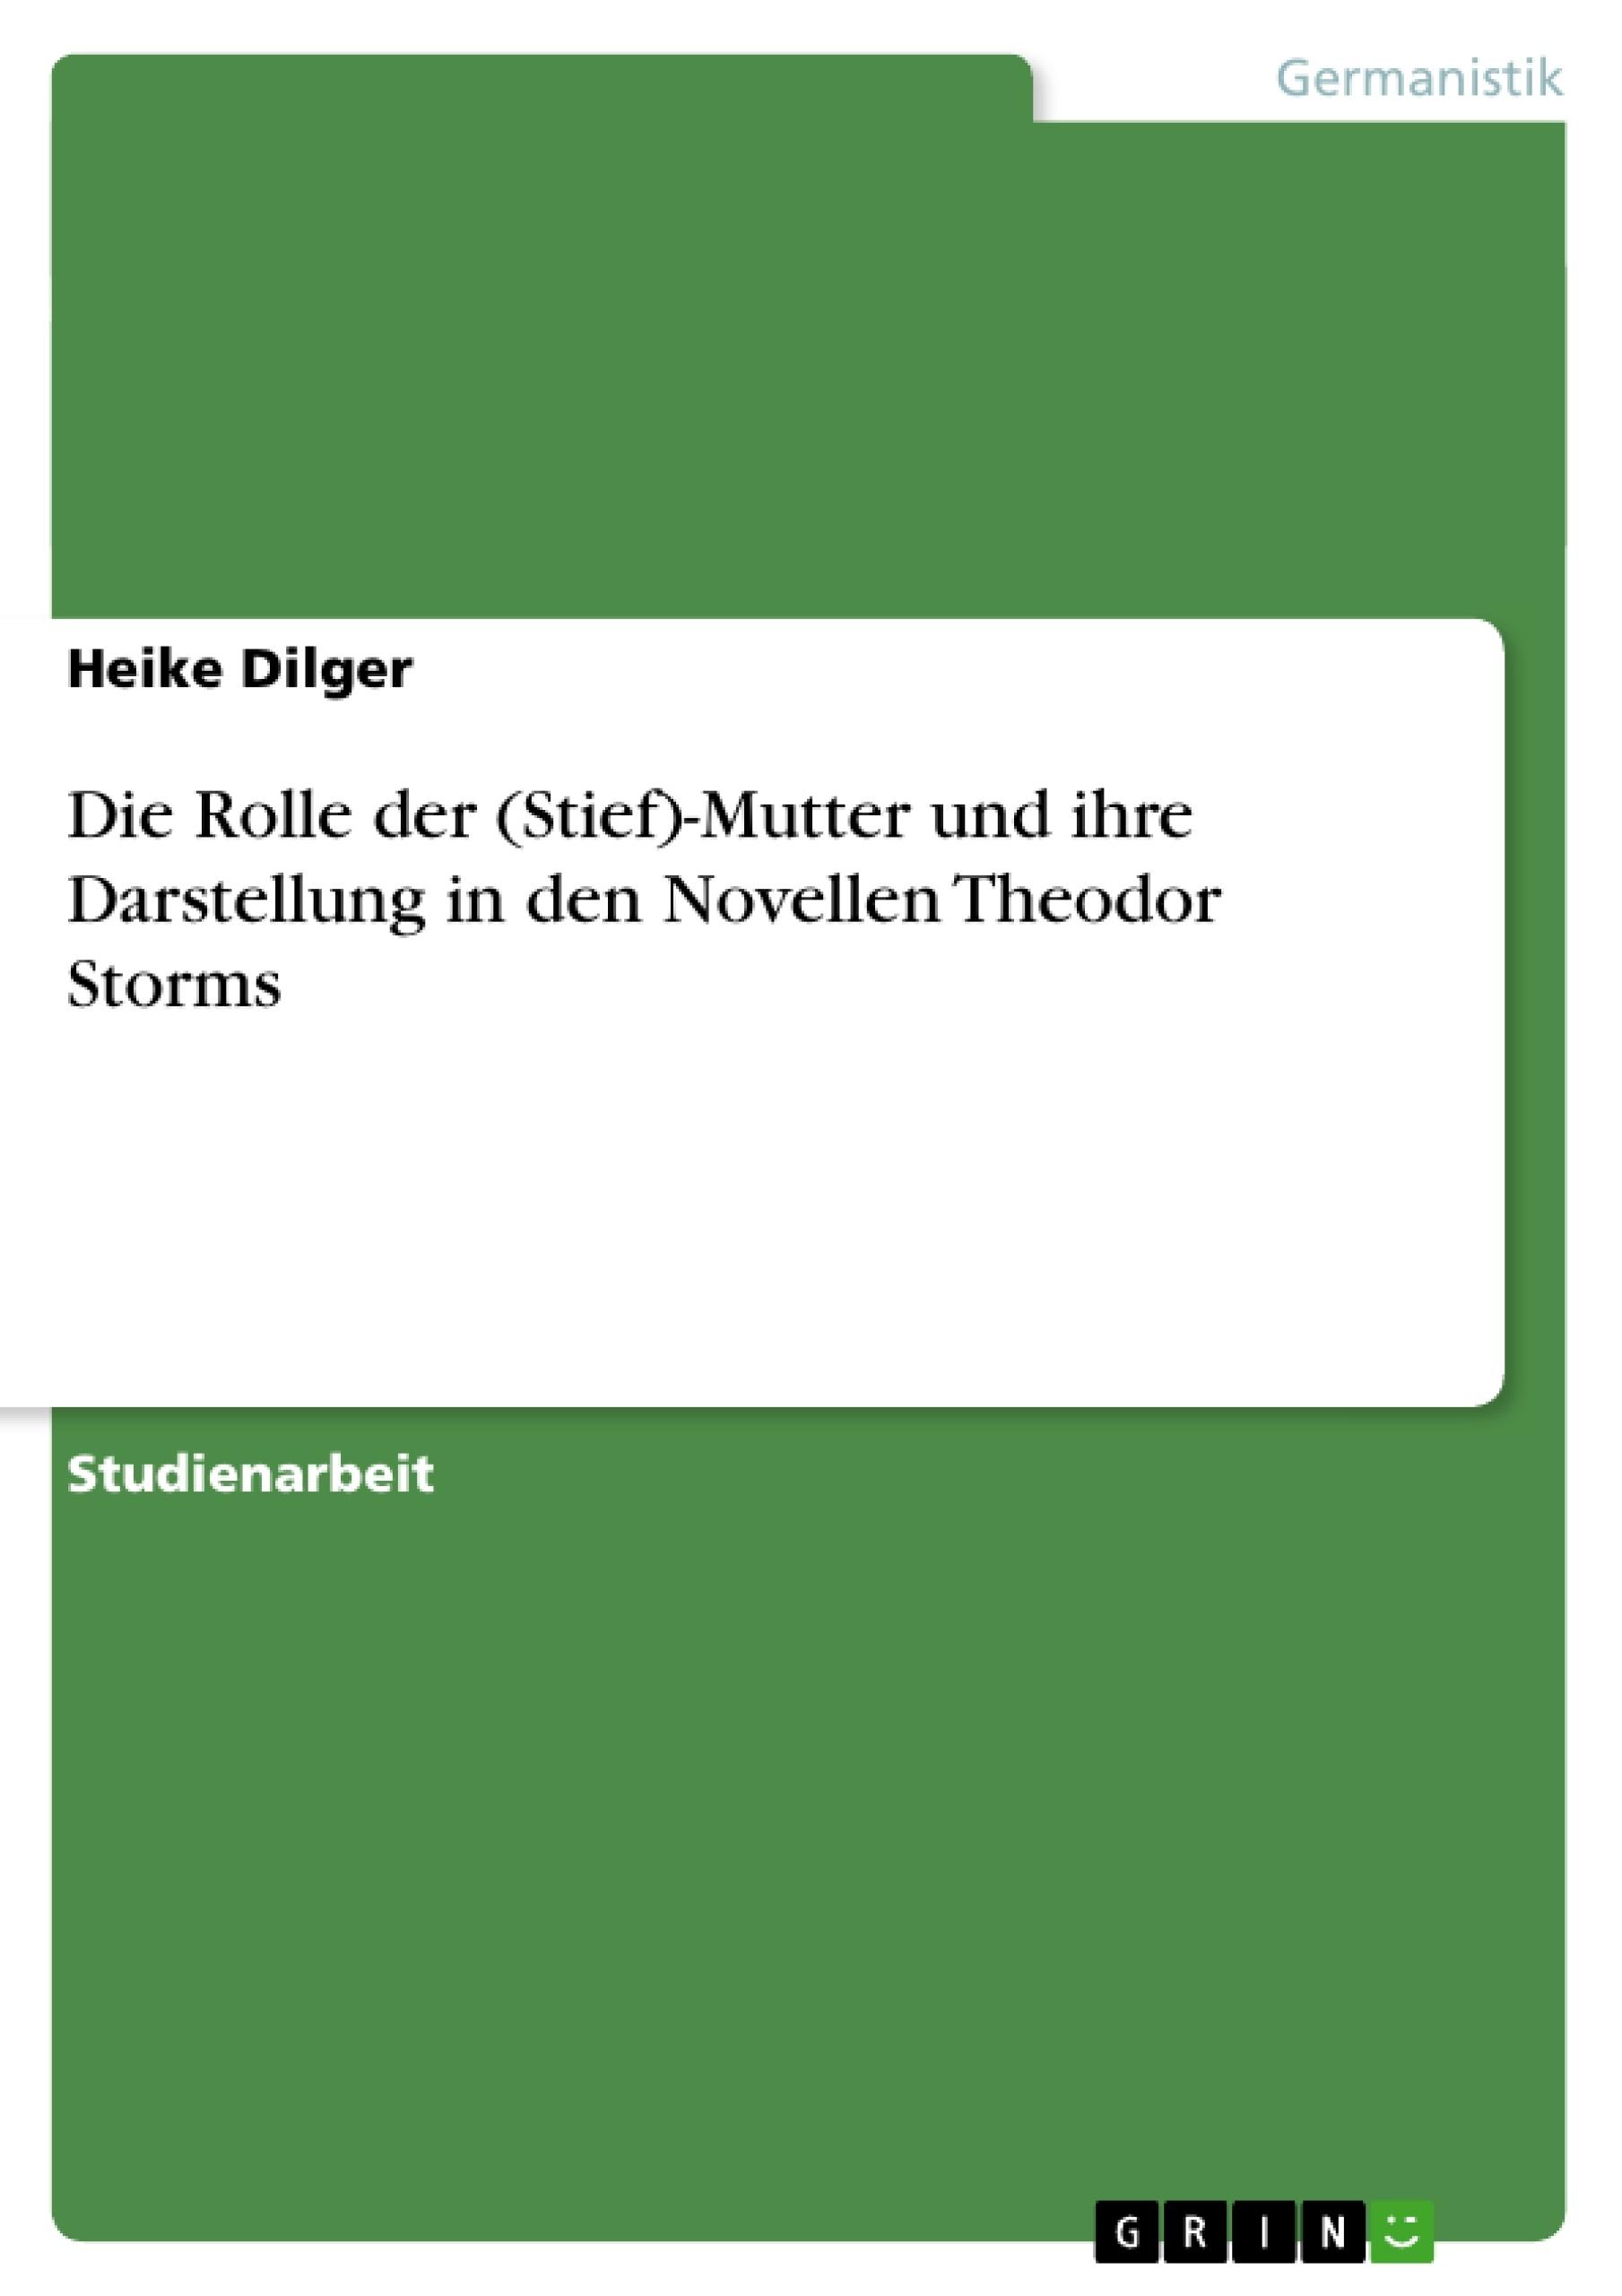 Titel: Die Rolle der (Stief)-Mutter und ihre Darstellung in den Novellen Theodor Storms